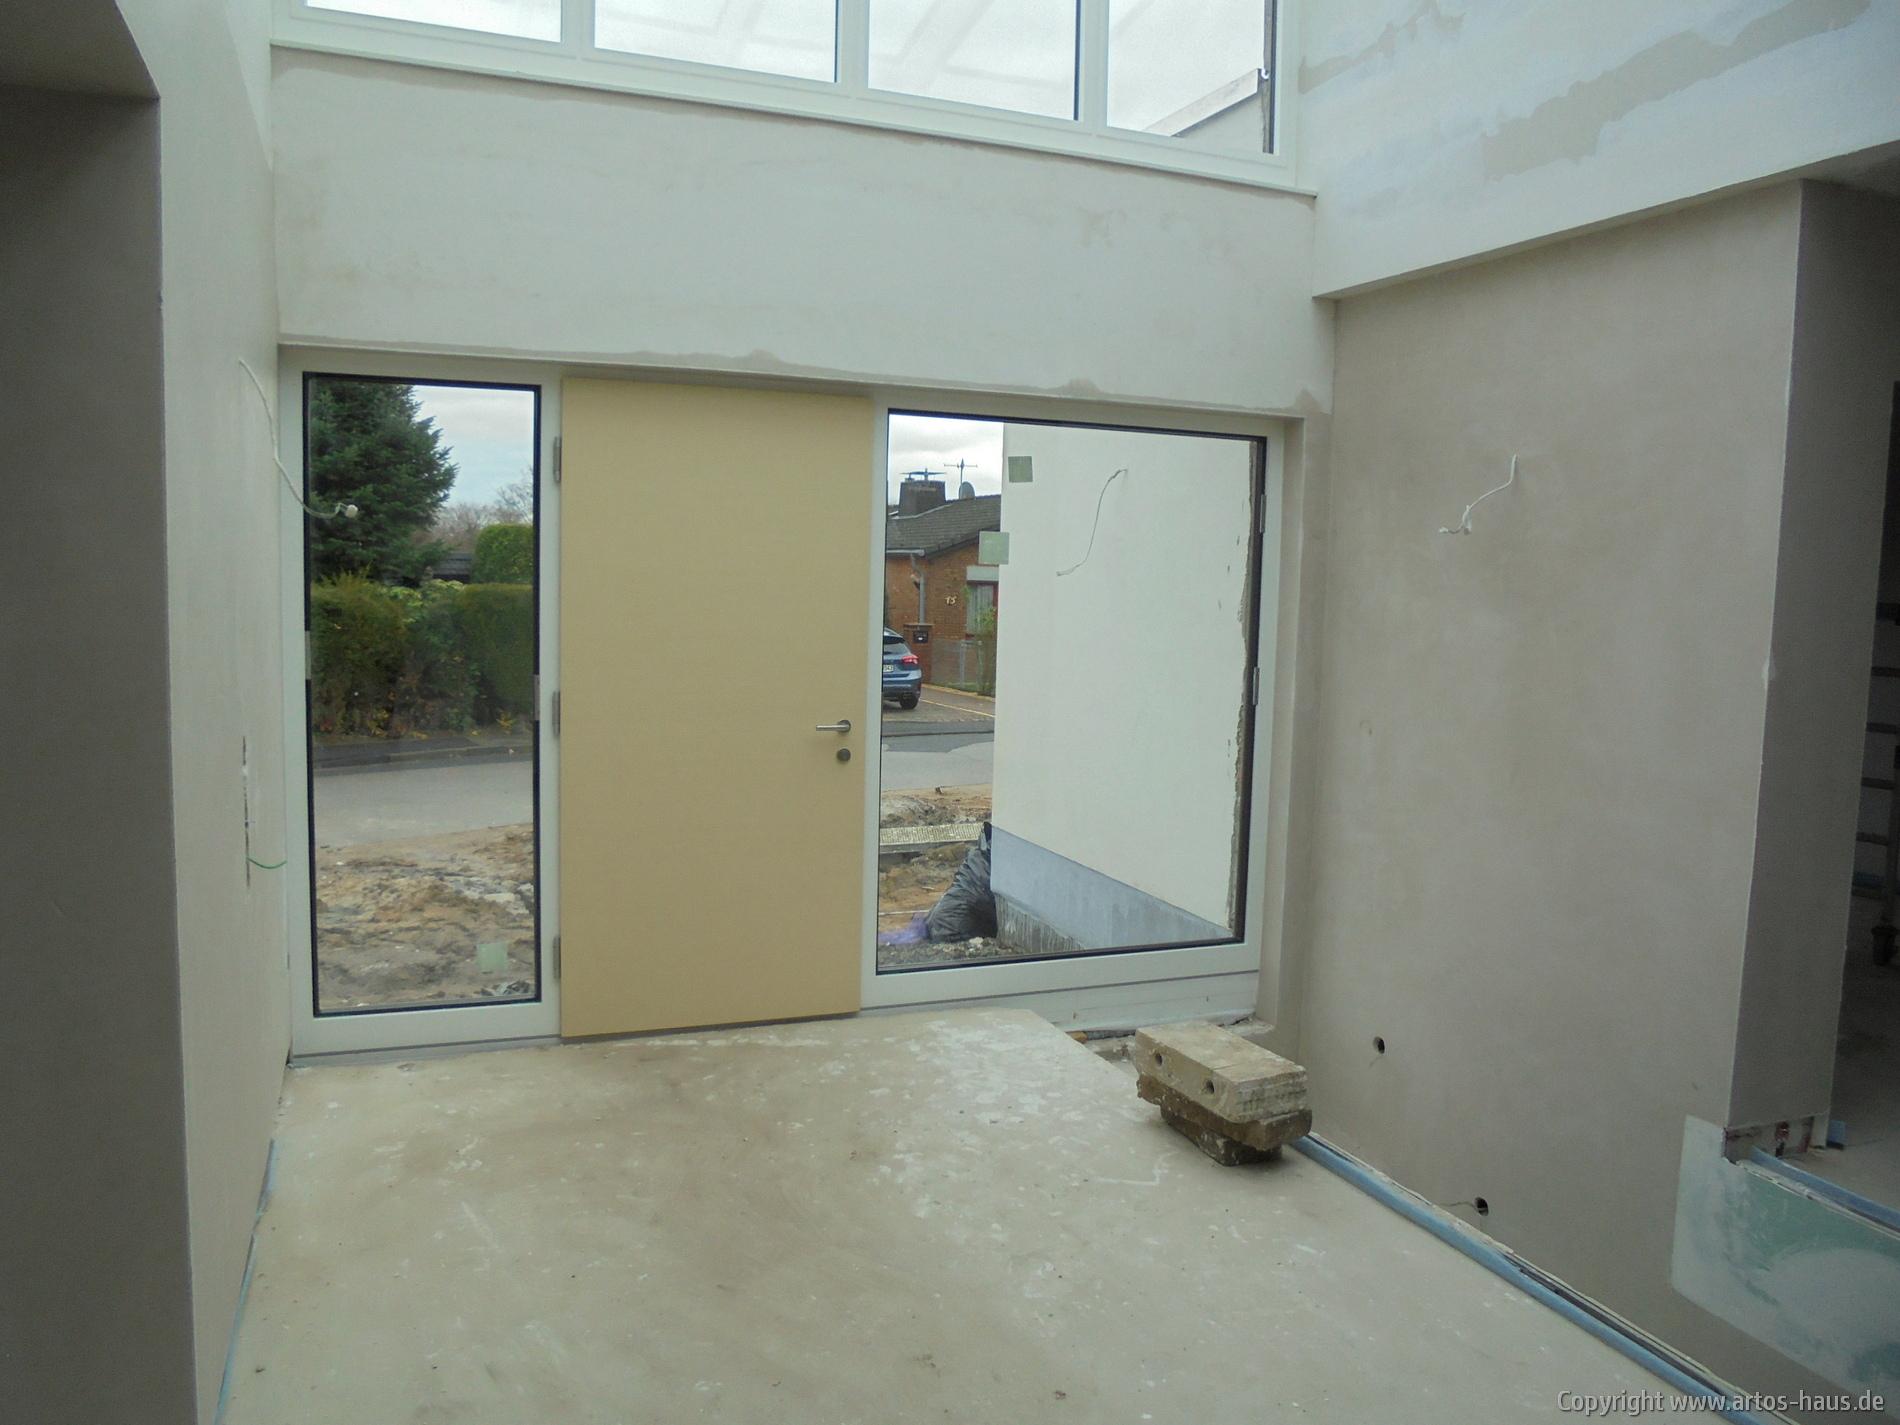 Einbau der Haustüre | Baucvorhaben ARTOS HAUS in Frechen | Bild 3